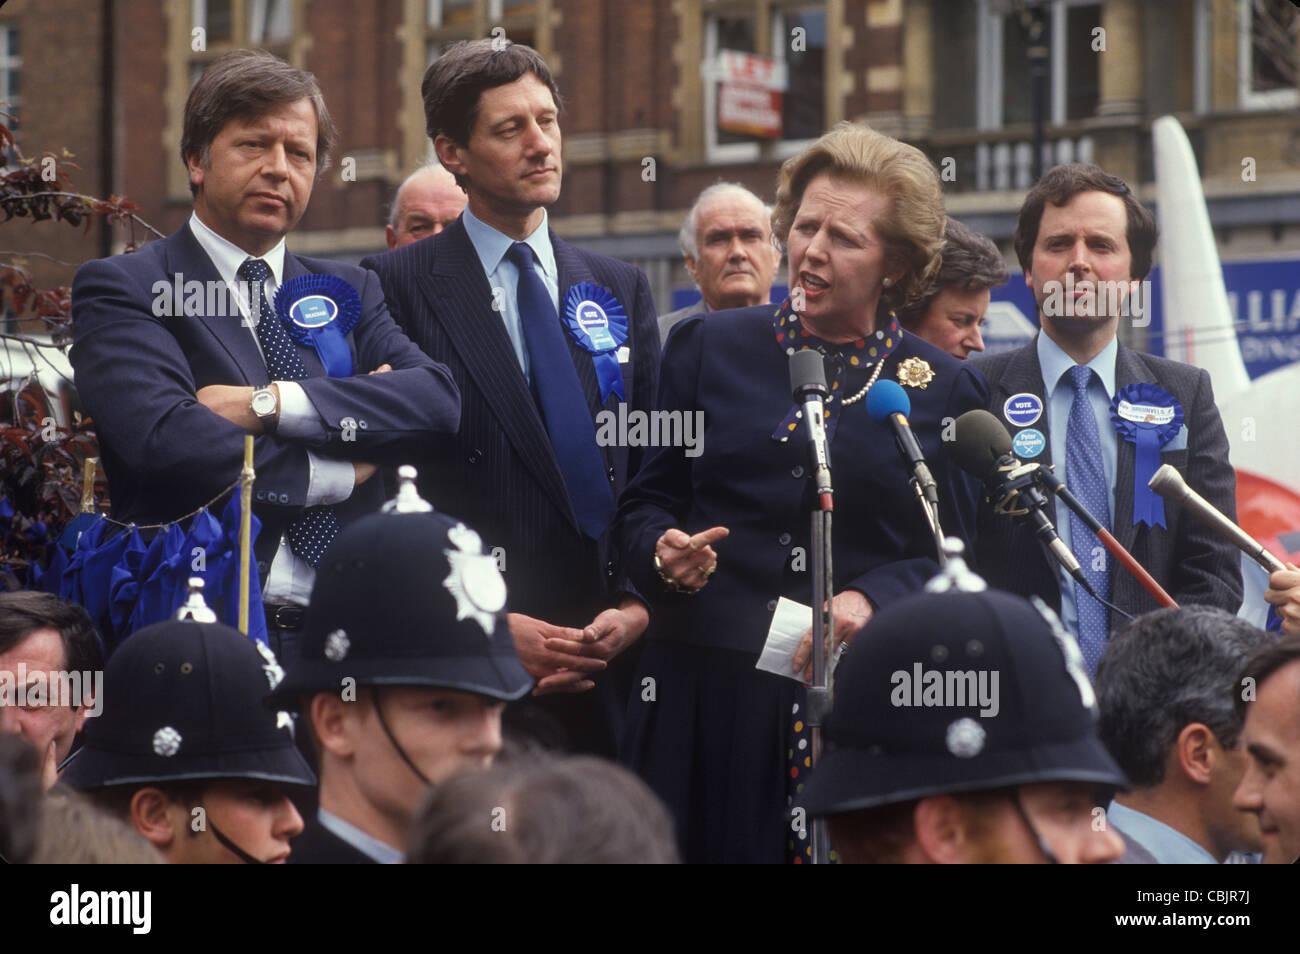 La Sra. Maggie Margaret Thatcher elecciones generales de 1983. Reino Unido . HOMER SYKES Imagen De Stock